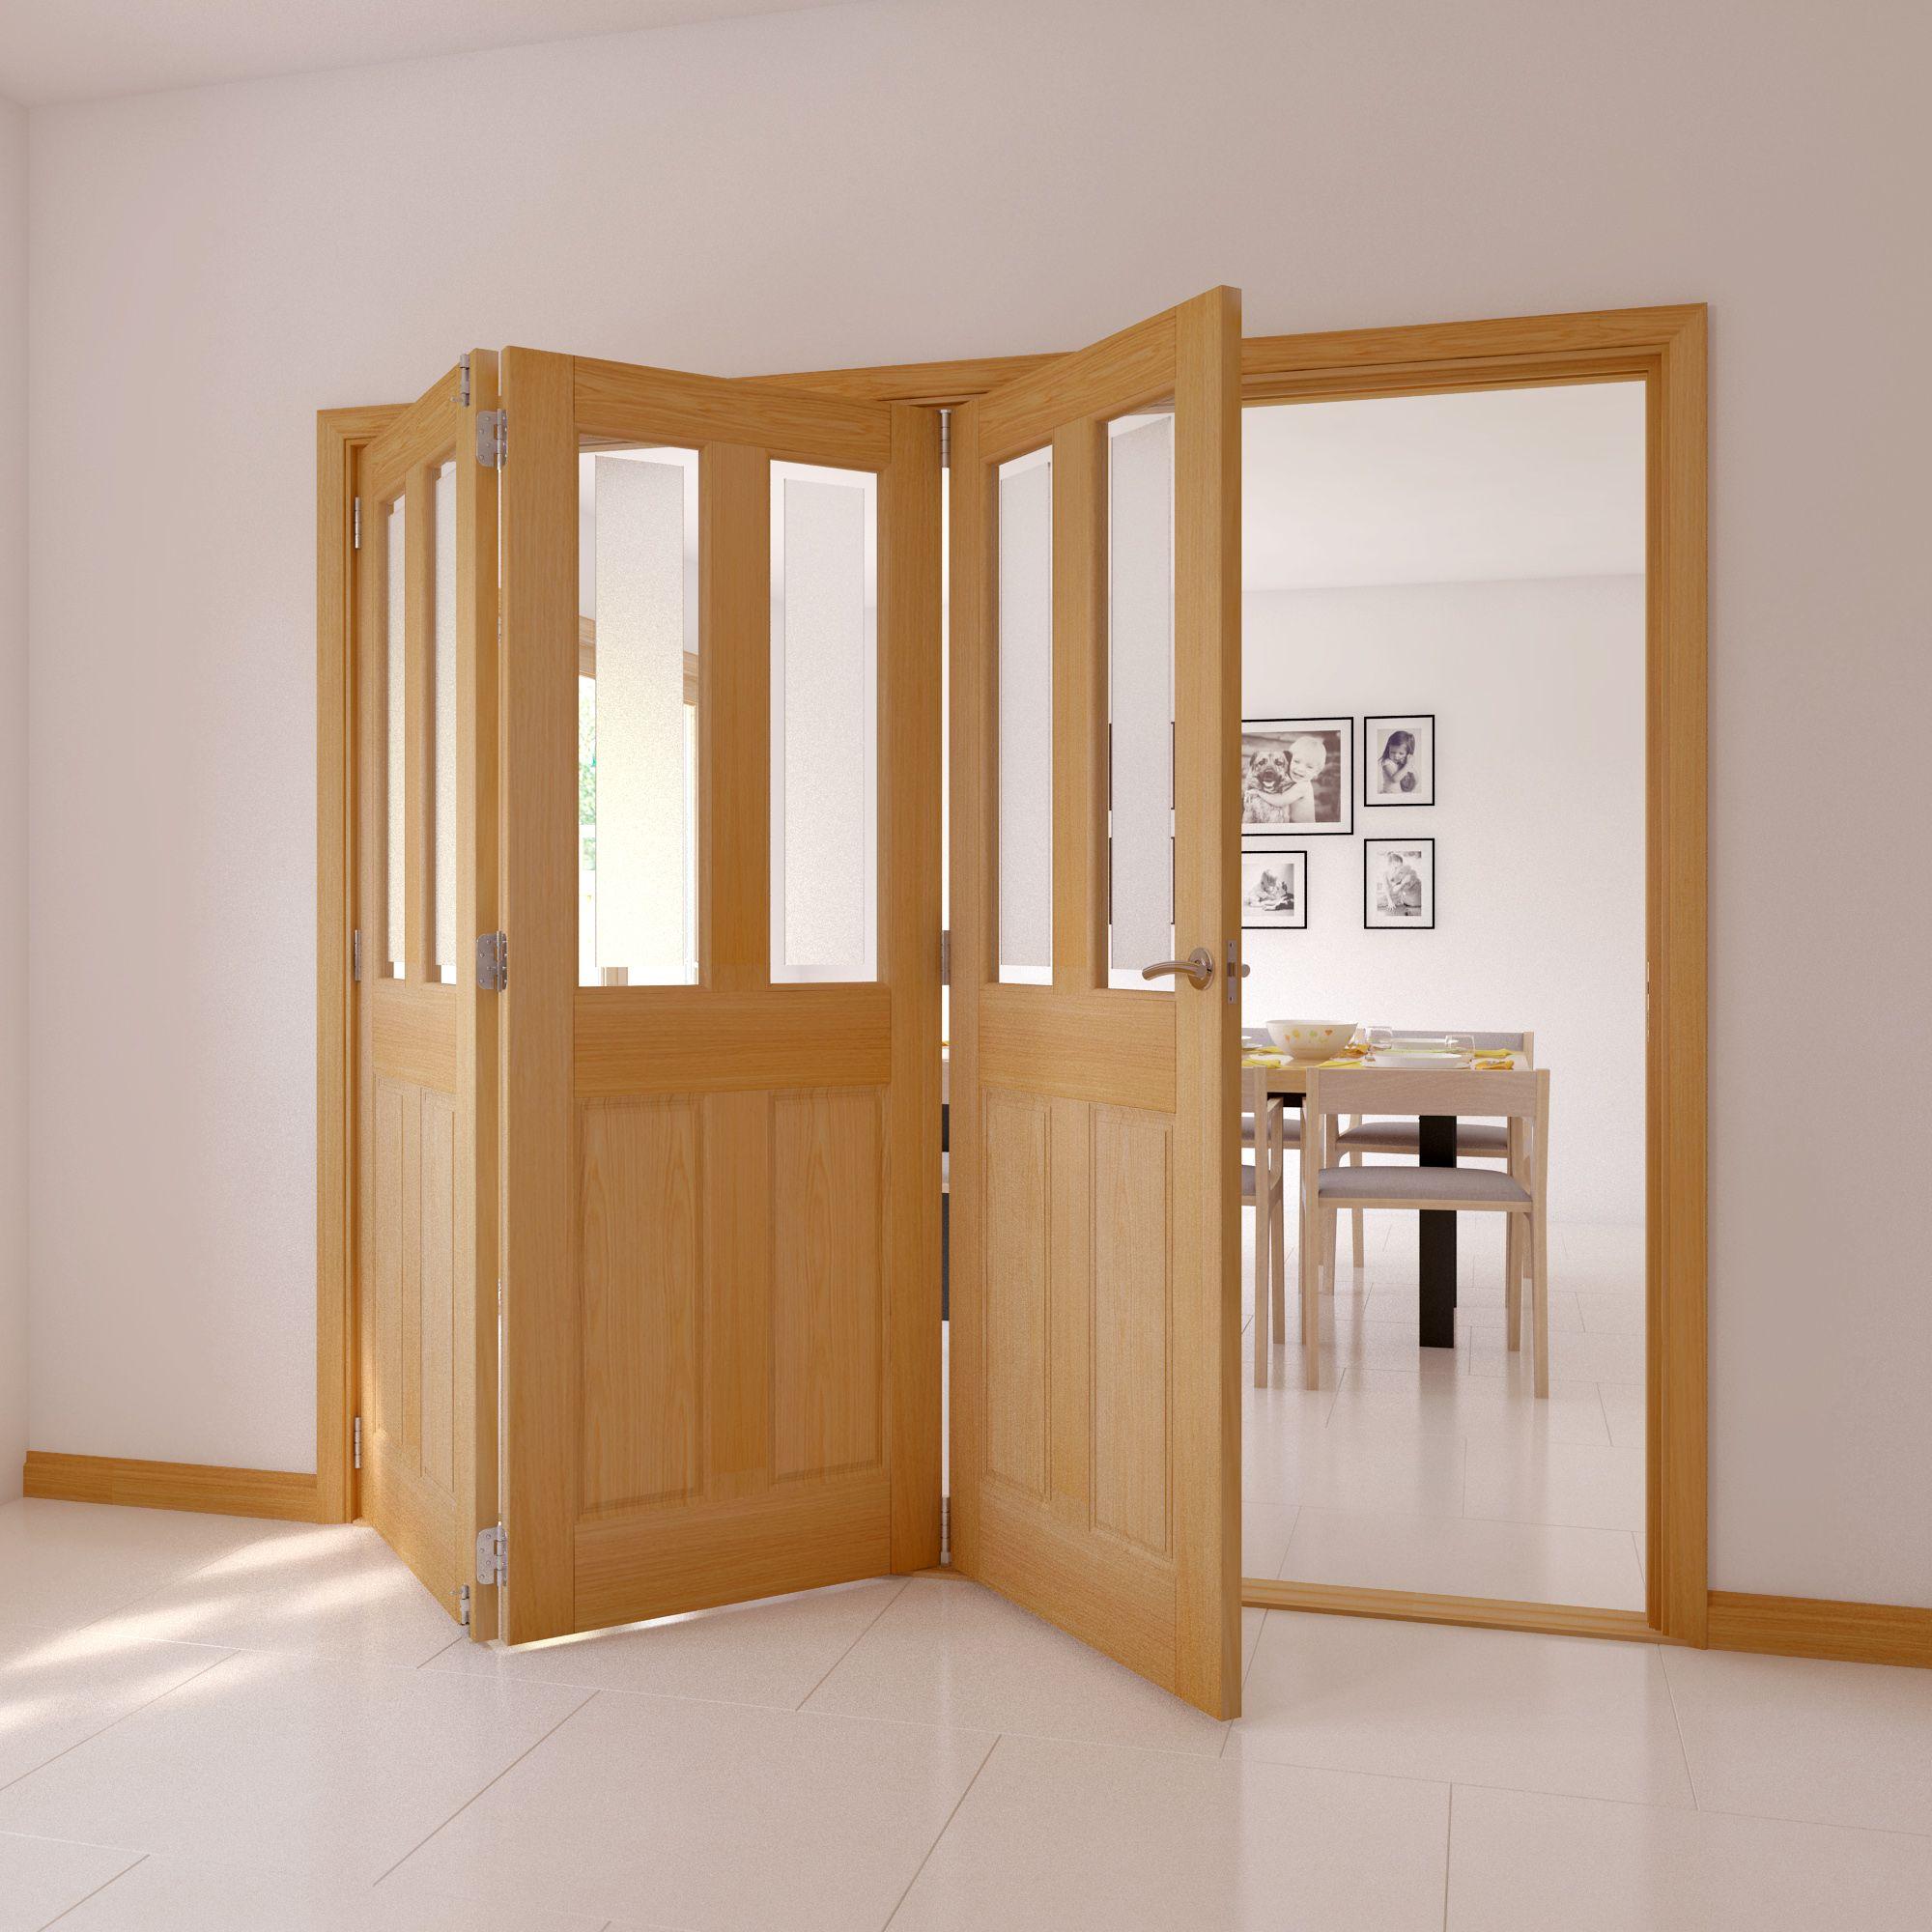 Elveden 4 Panel 2 Lite Oak Veneer Glazed Internal Folding Door Lh, (h)2035mm (w)2374mm